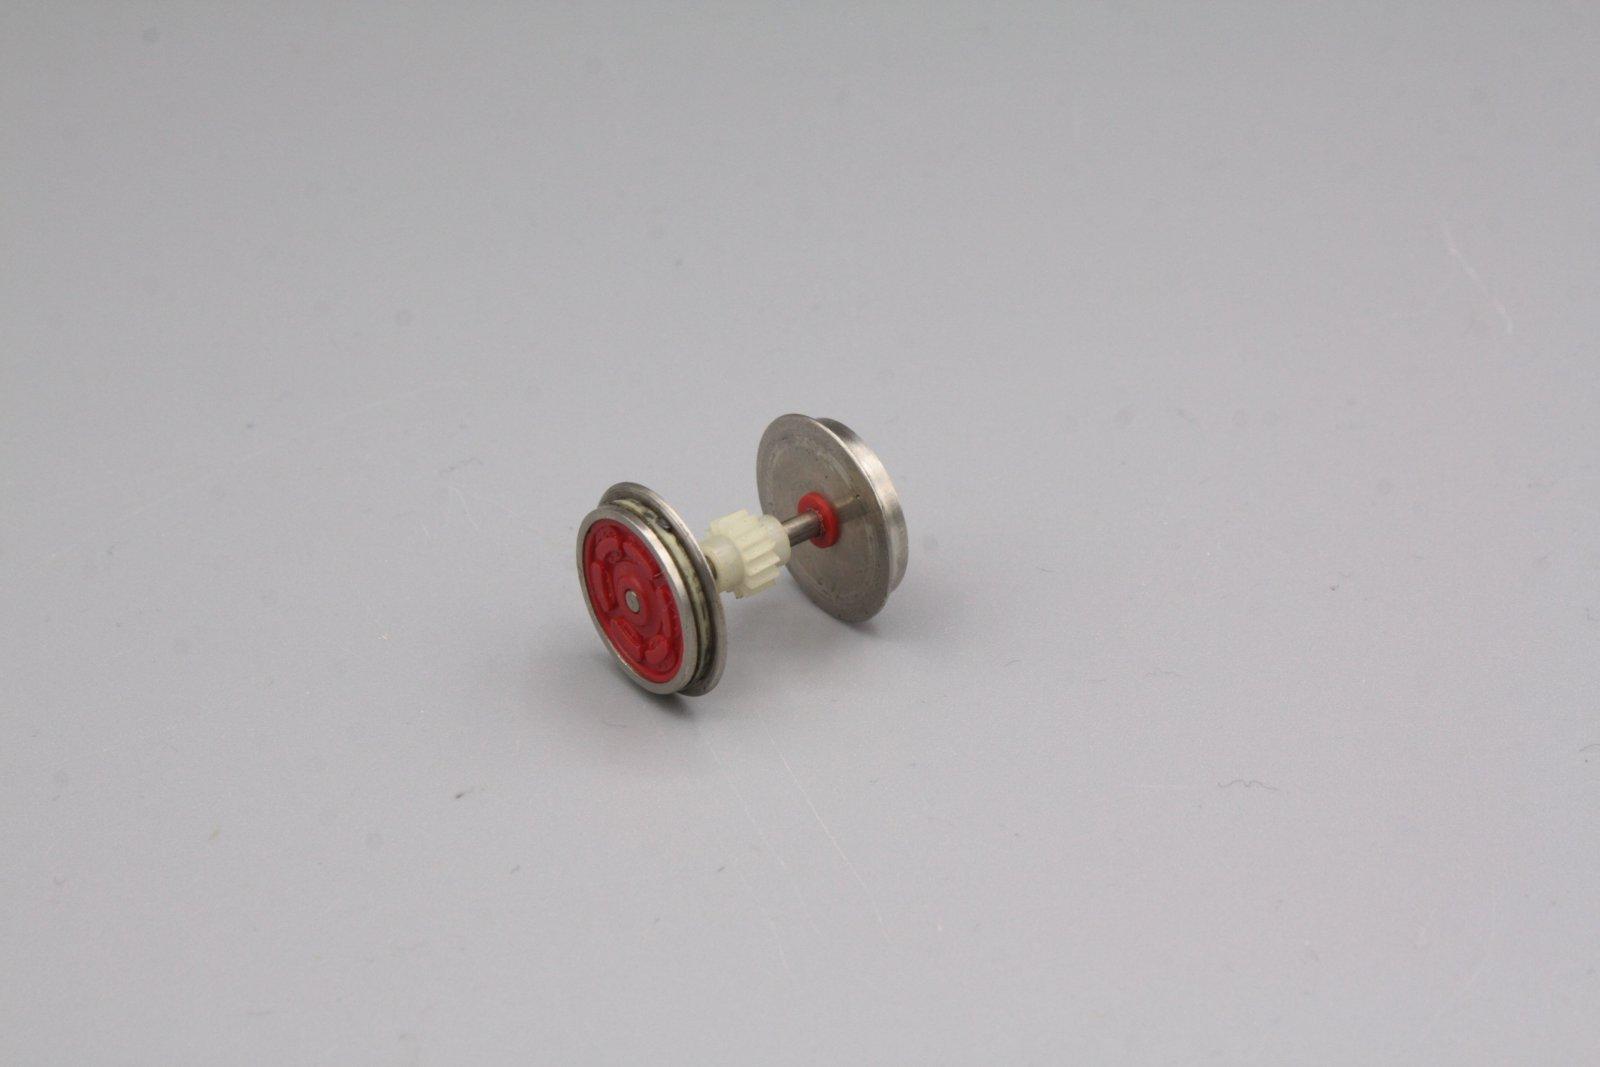 Ersatzteil Roco 140 u.a Radsatz rot mit schrägverzahntem Zahnrad m.1 Haftreifen